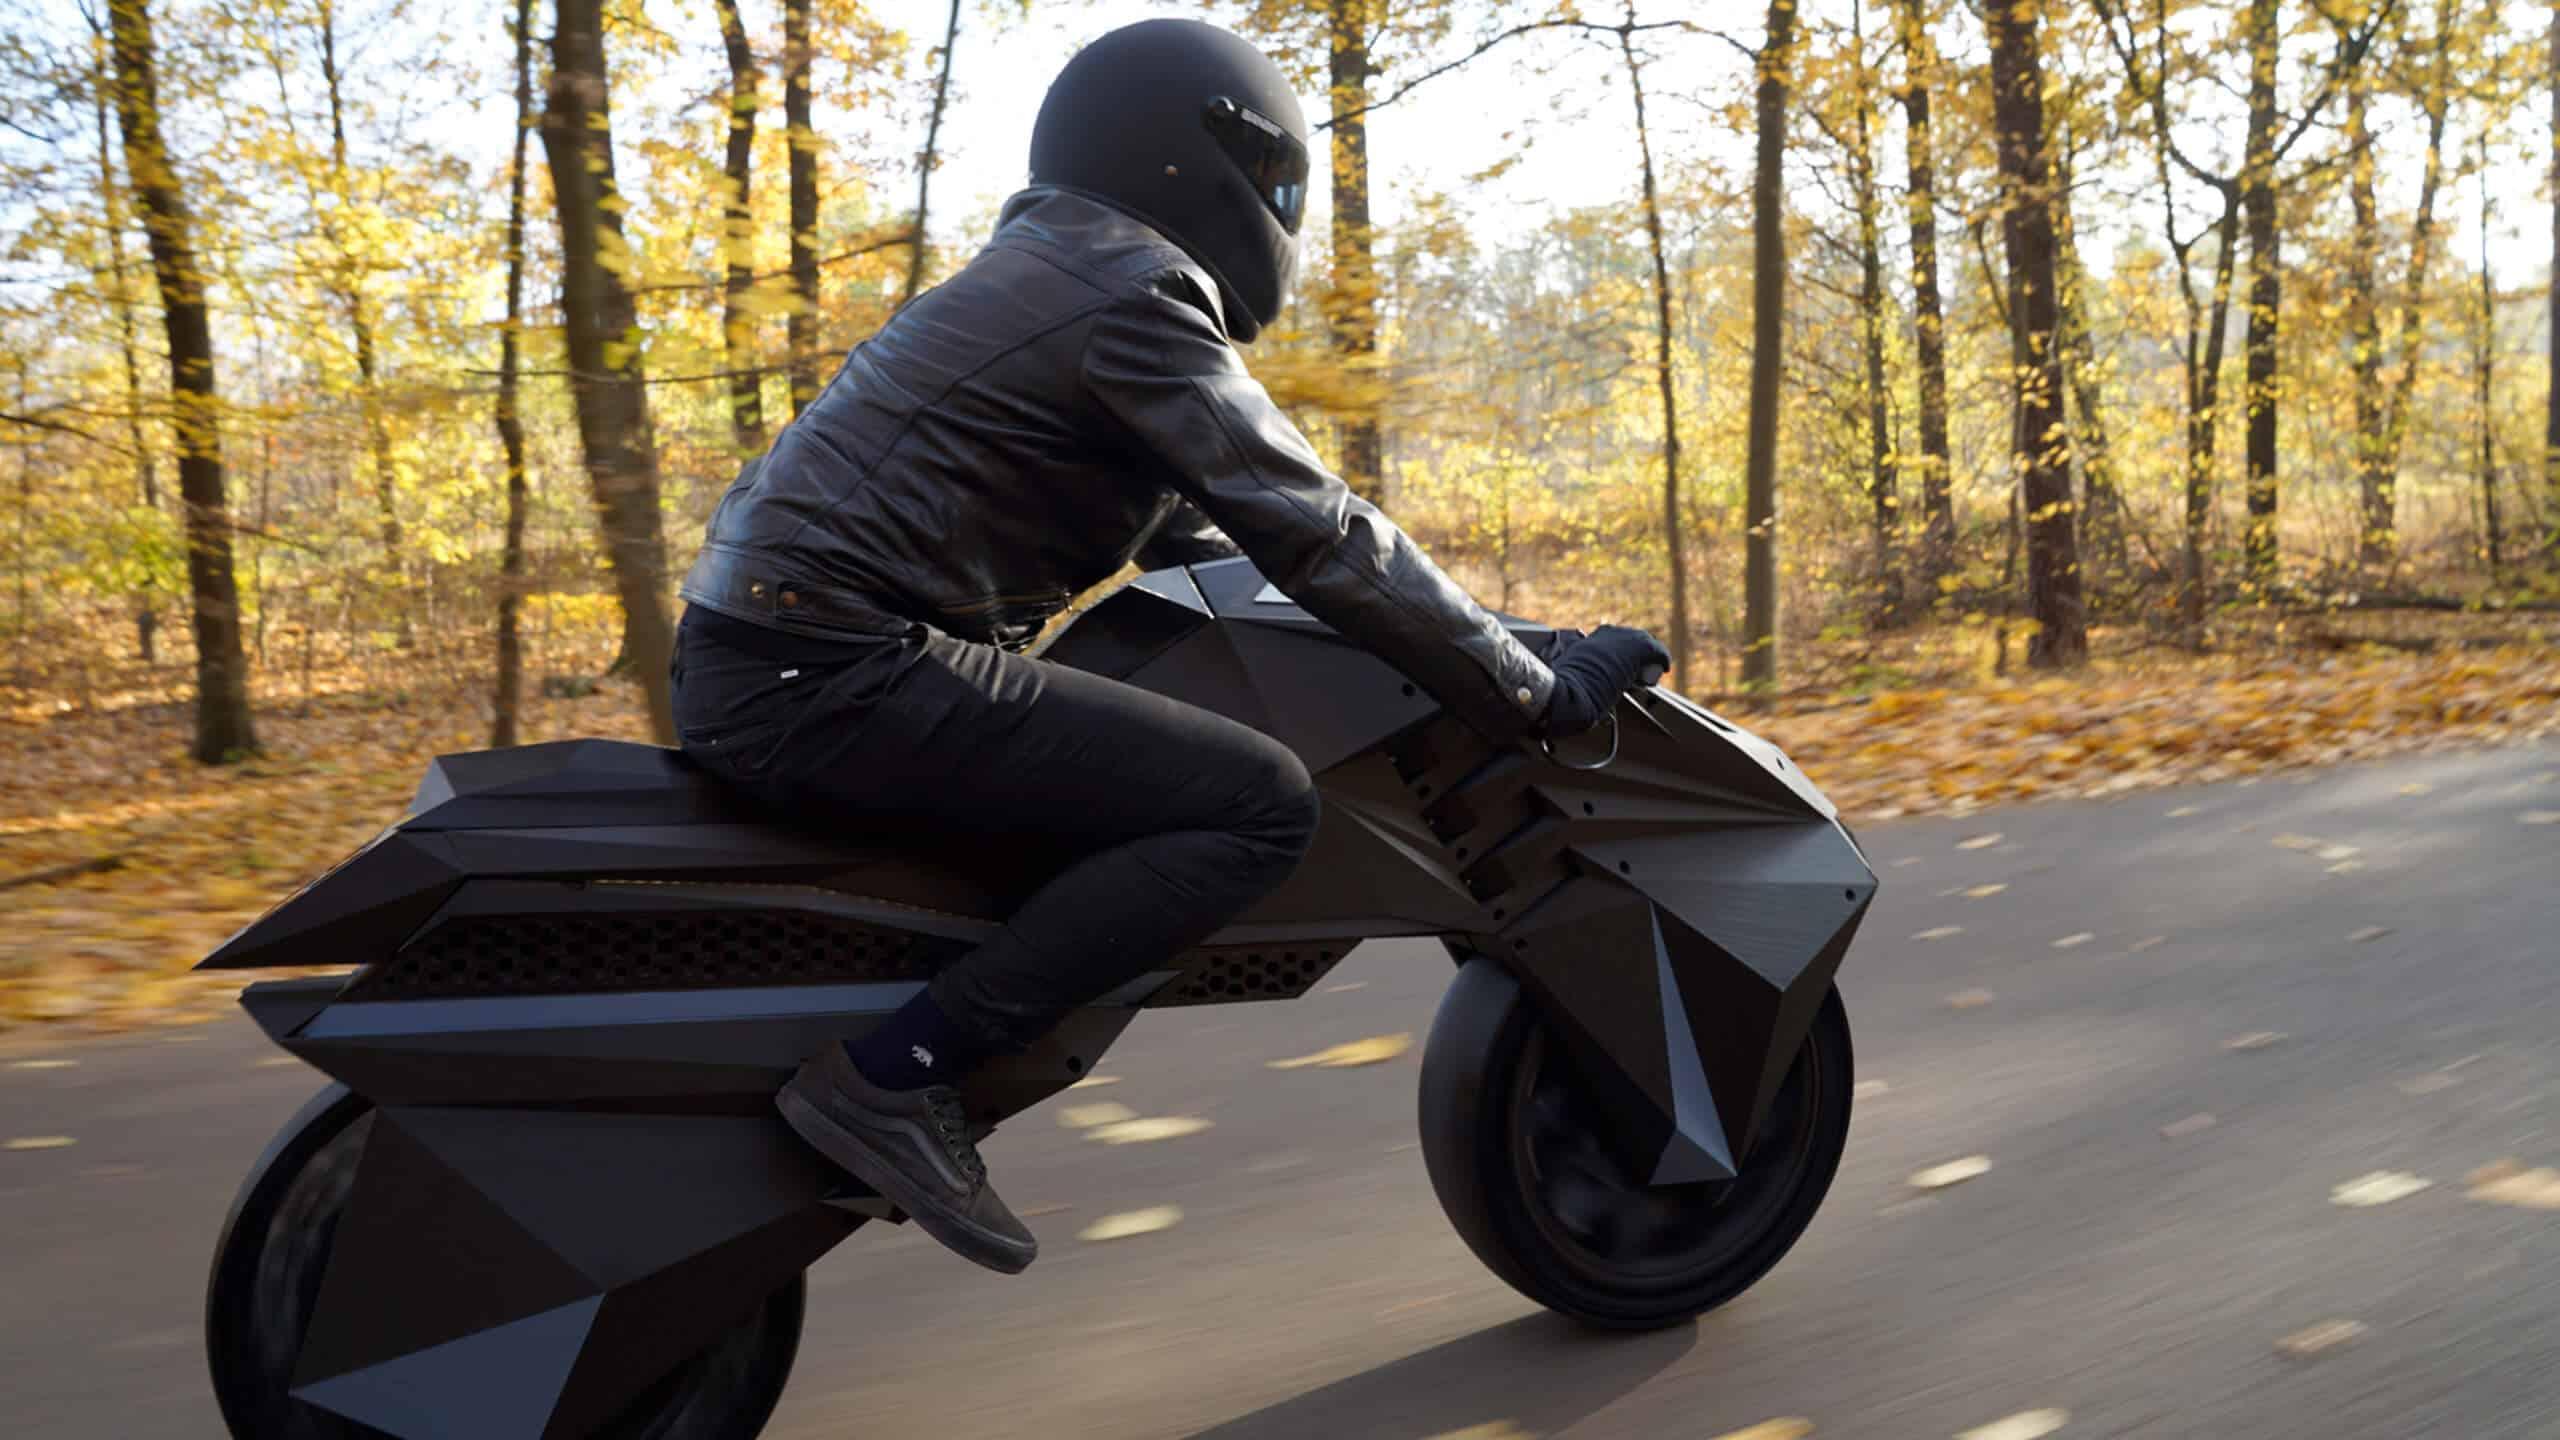 NERA - первый в мире электромотоцикл, созданный с помощью 3D-печати на крупноформатном 3D-принтере BigRep - фото 5